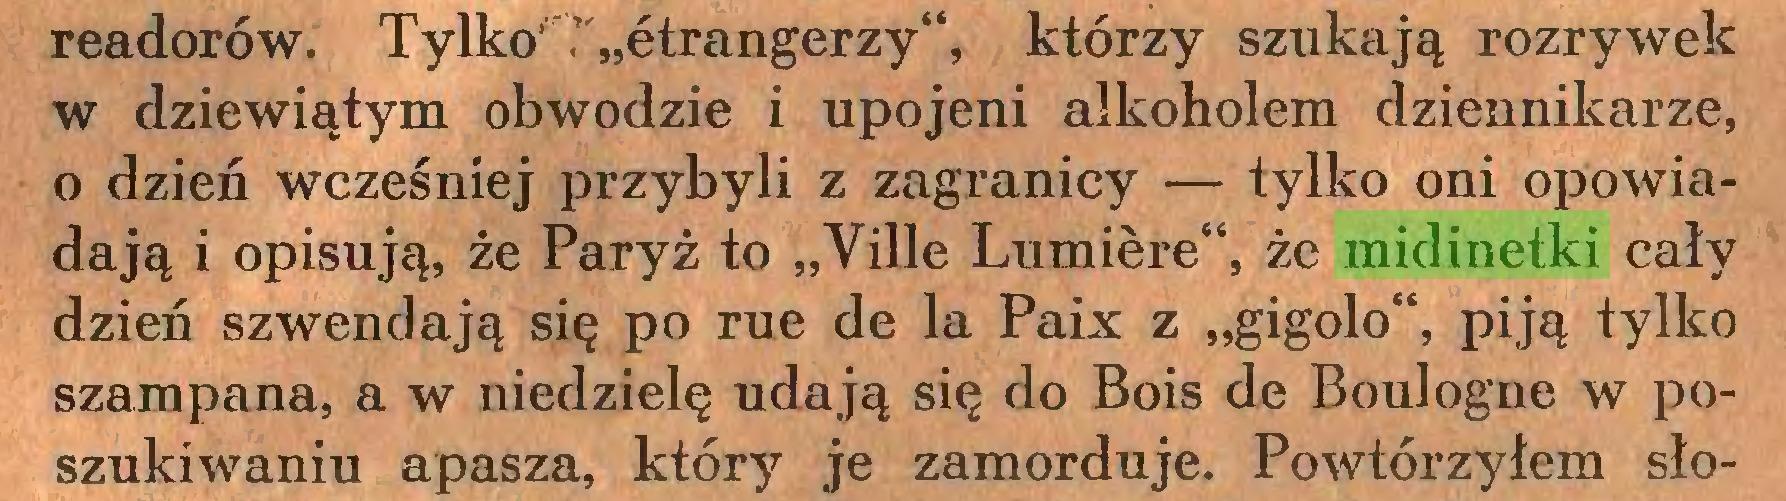 """(...) readorów. Tylko' ? """"ćtrangerzy"""", którzy szukają rozrywek w dziewiątym obwodzie i upojeni alkoholem dziennikarze, o dzień wcześniej przybyli z zagranicy — tylko oni opowiadają i opisują, że Paryż to """"Ville Lumière"""", że midinetki cały dzień szwendają się po rue de la Paix z """"gigolo"""", piją tylko szampana, a w niedzielę udają się do Bois de Boulogne w poszukiwaniu apasza, który je zamorduje. Powtórzyłem sło..."""